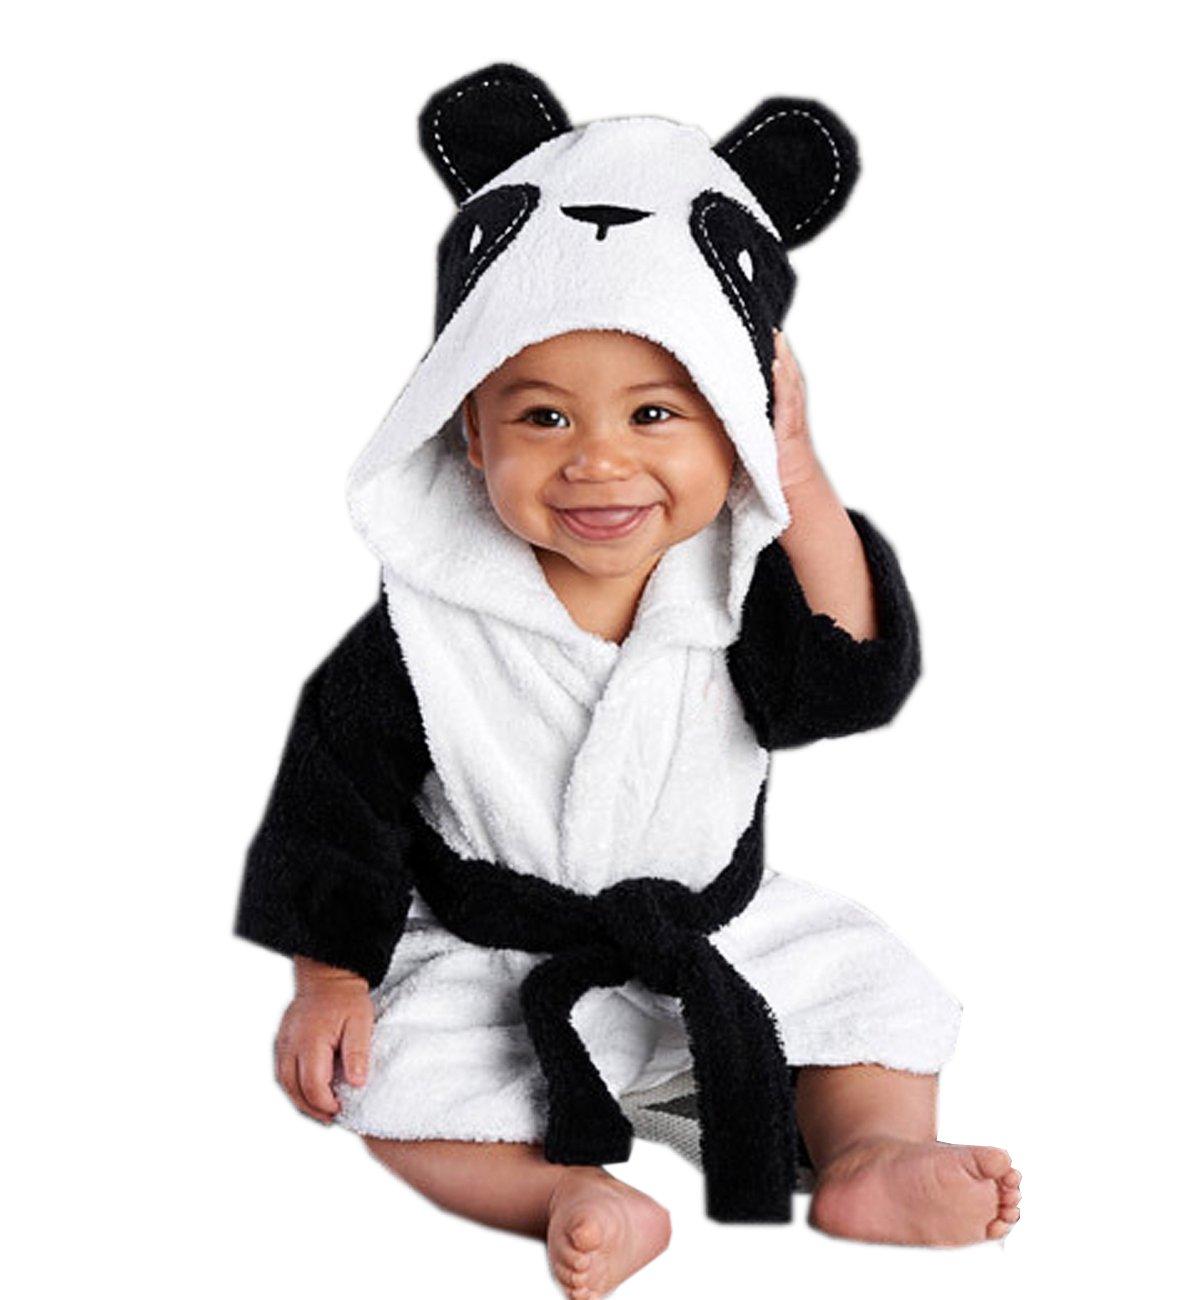 Surenow Albornoz Pijama Camisón Batas Felpa Toalla Animados para Niñas Niños Bebé: Amazon.es: Deportes y aire libre